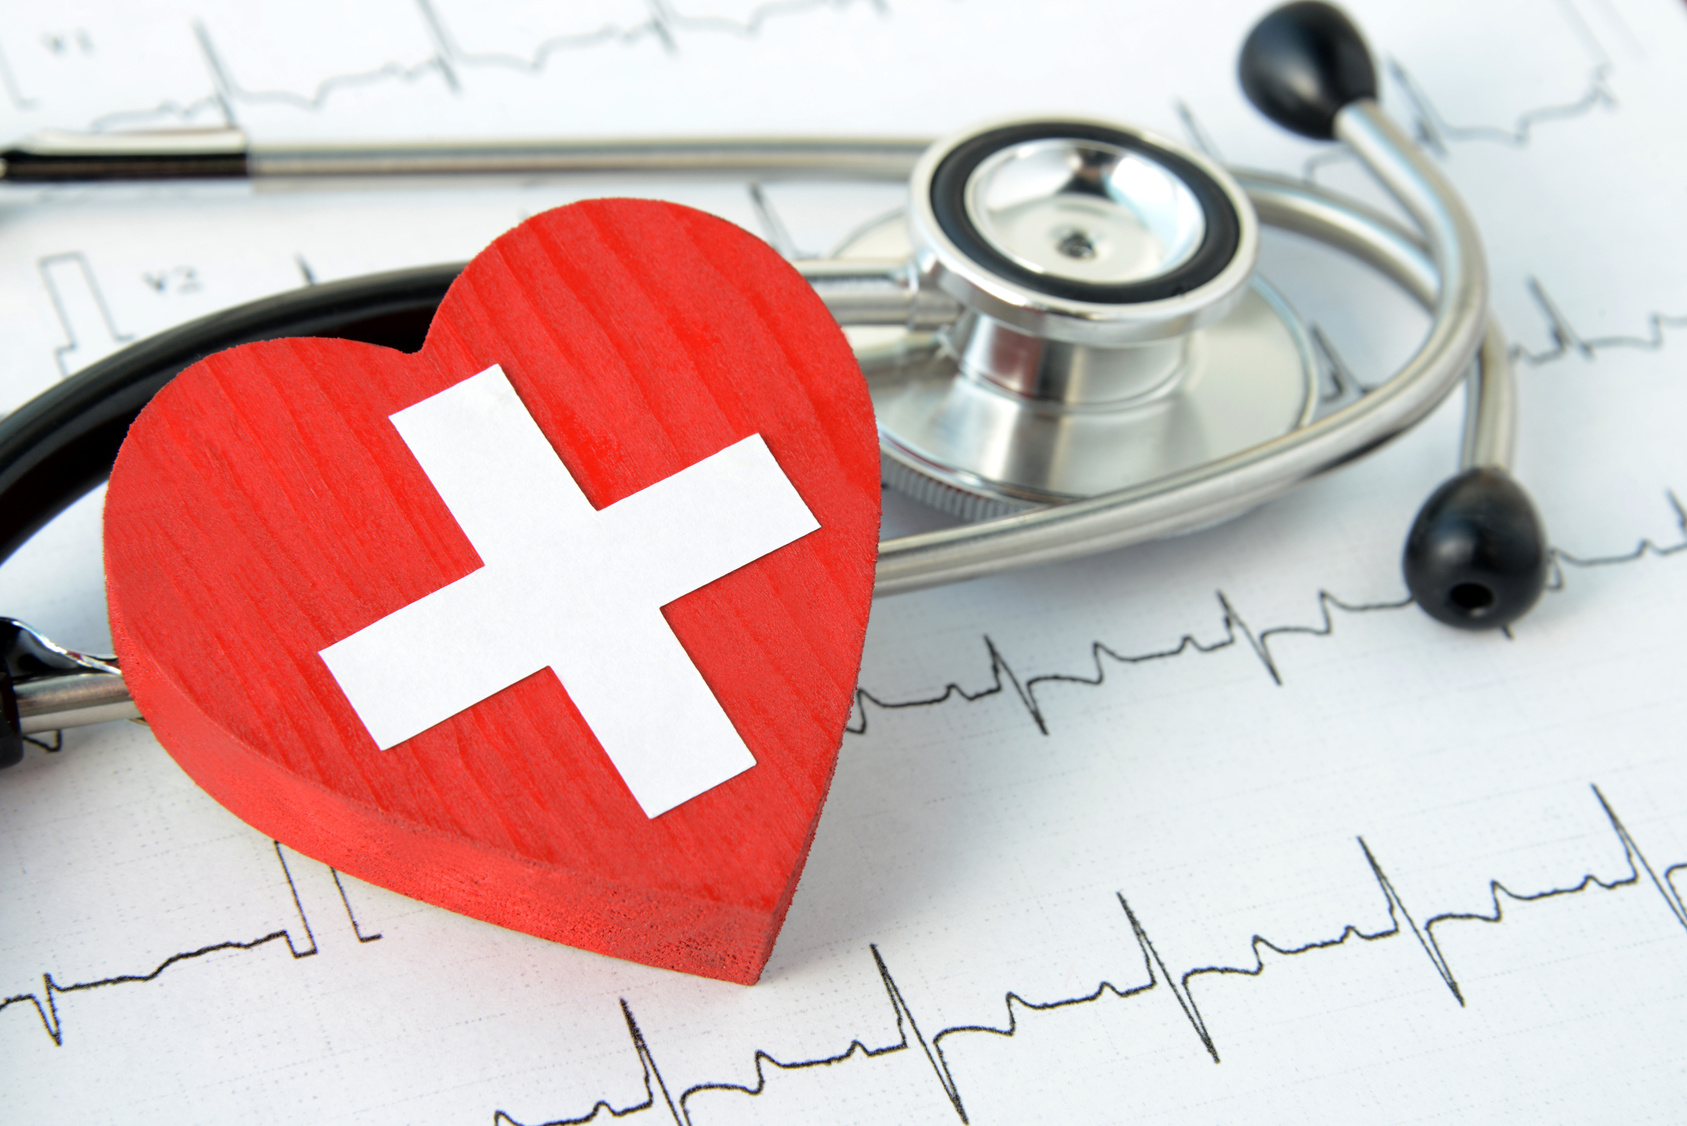 心不全は年間600件以上を診療する病院で、専門医から治療を受けることをお勧めします。